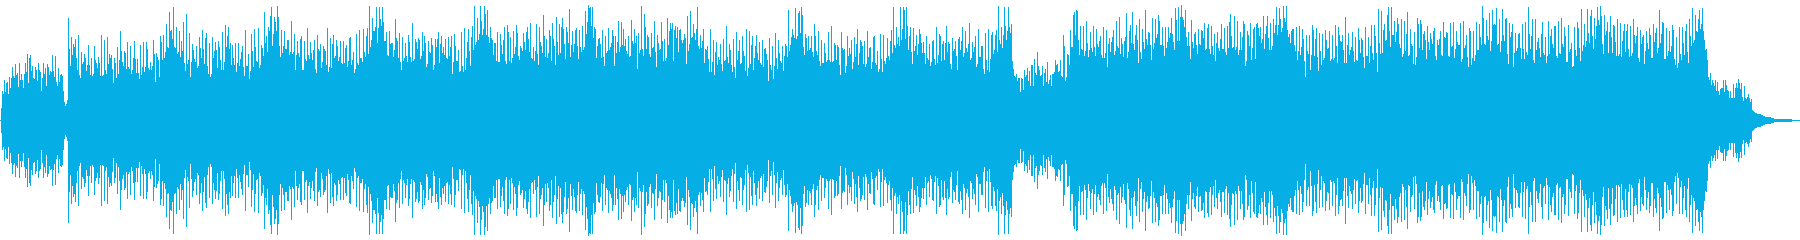 【クリスマス、キラキラ】嬉しい!楽しい!の再生済みの波形